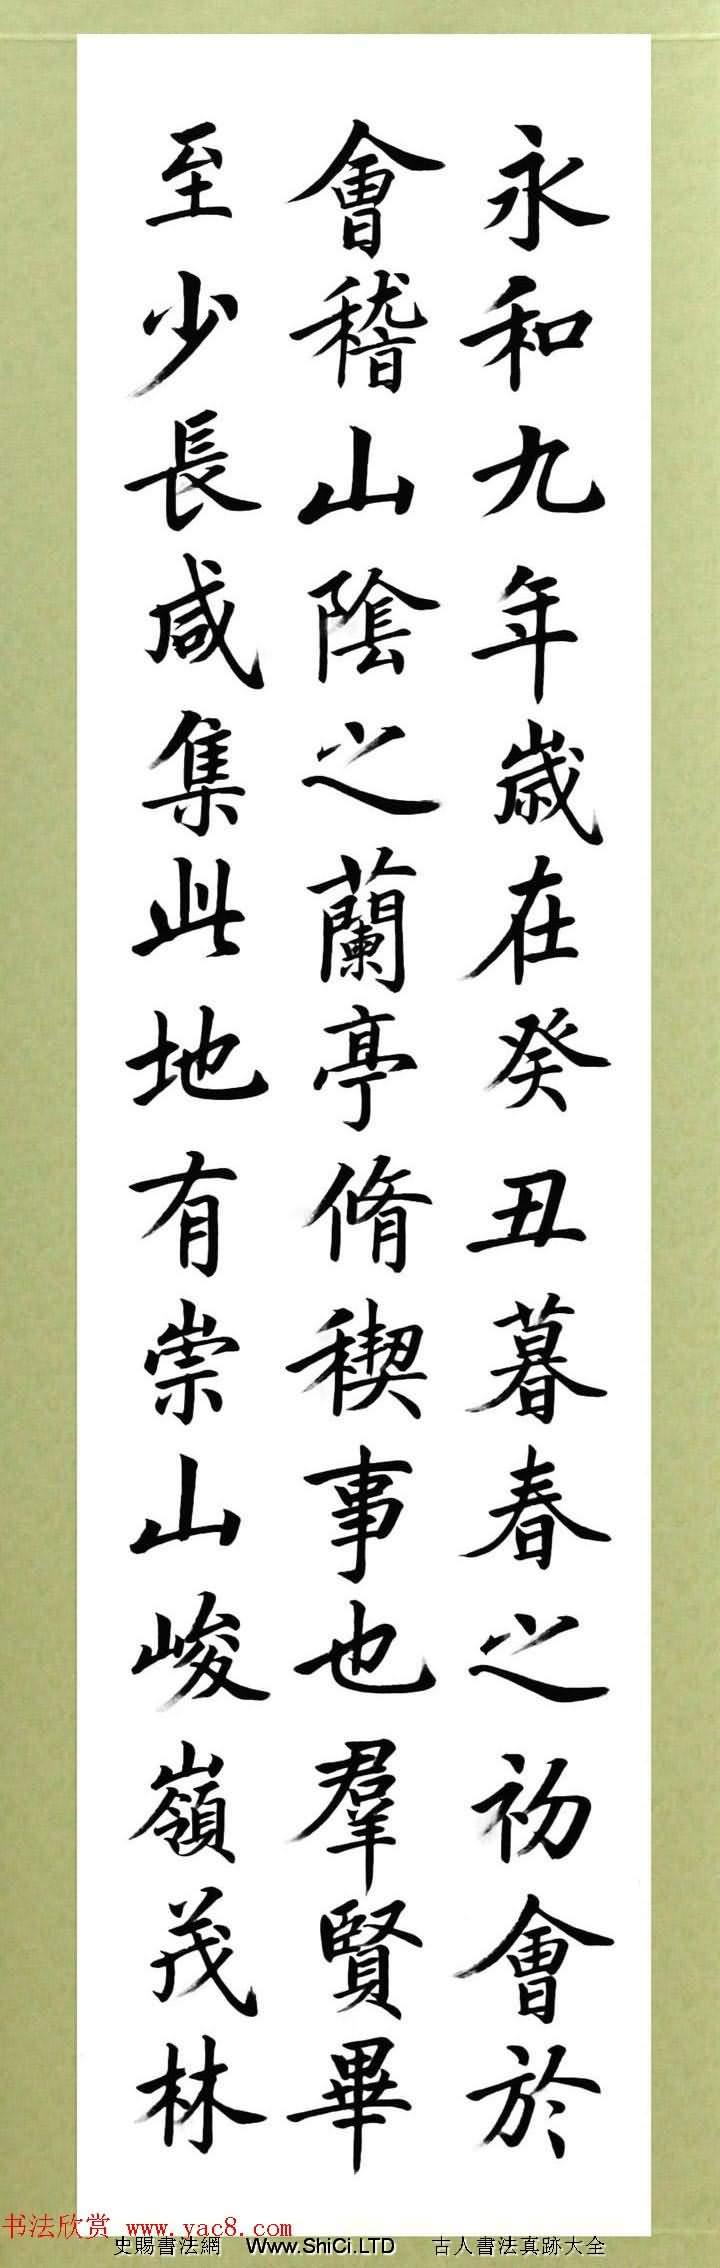 張志和楷書作品真跡《王羲之蘭亭序》(共8張圖片)